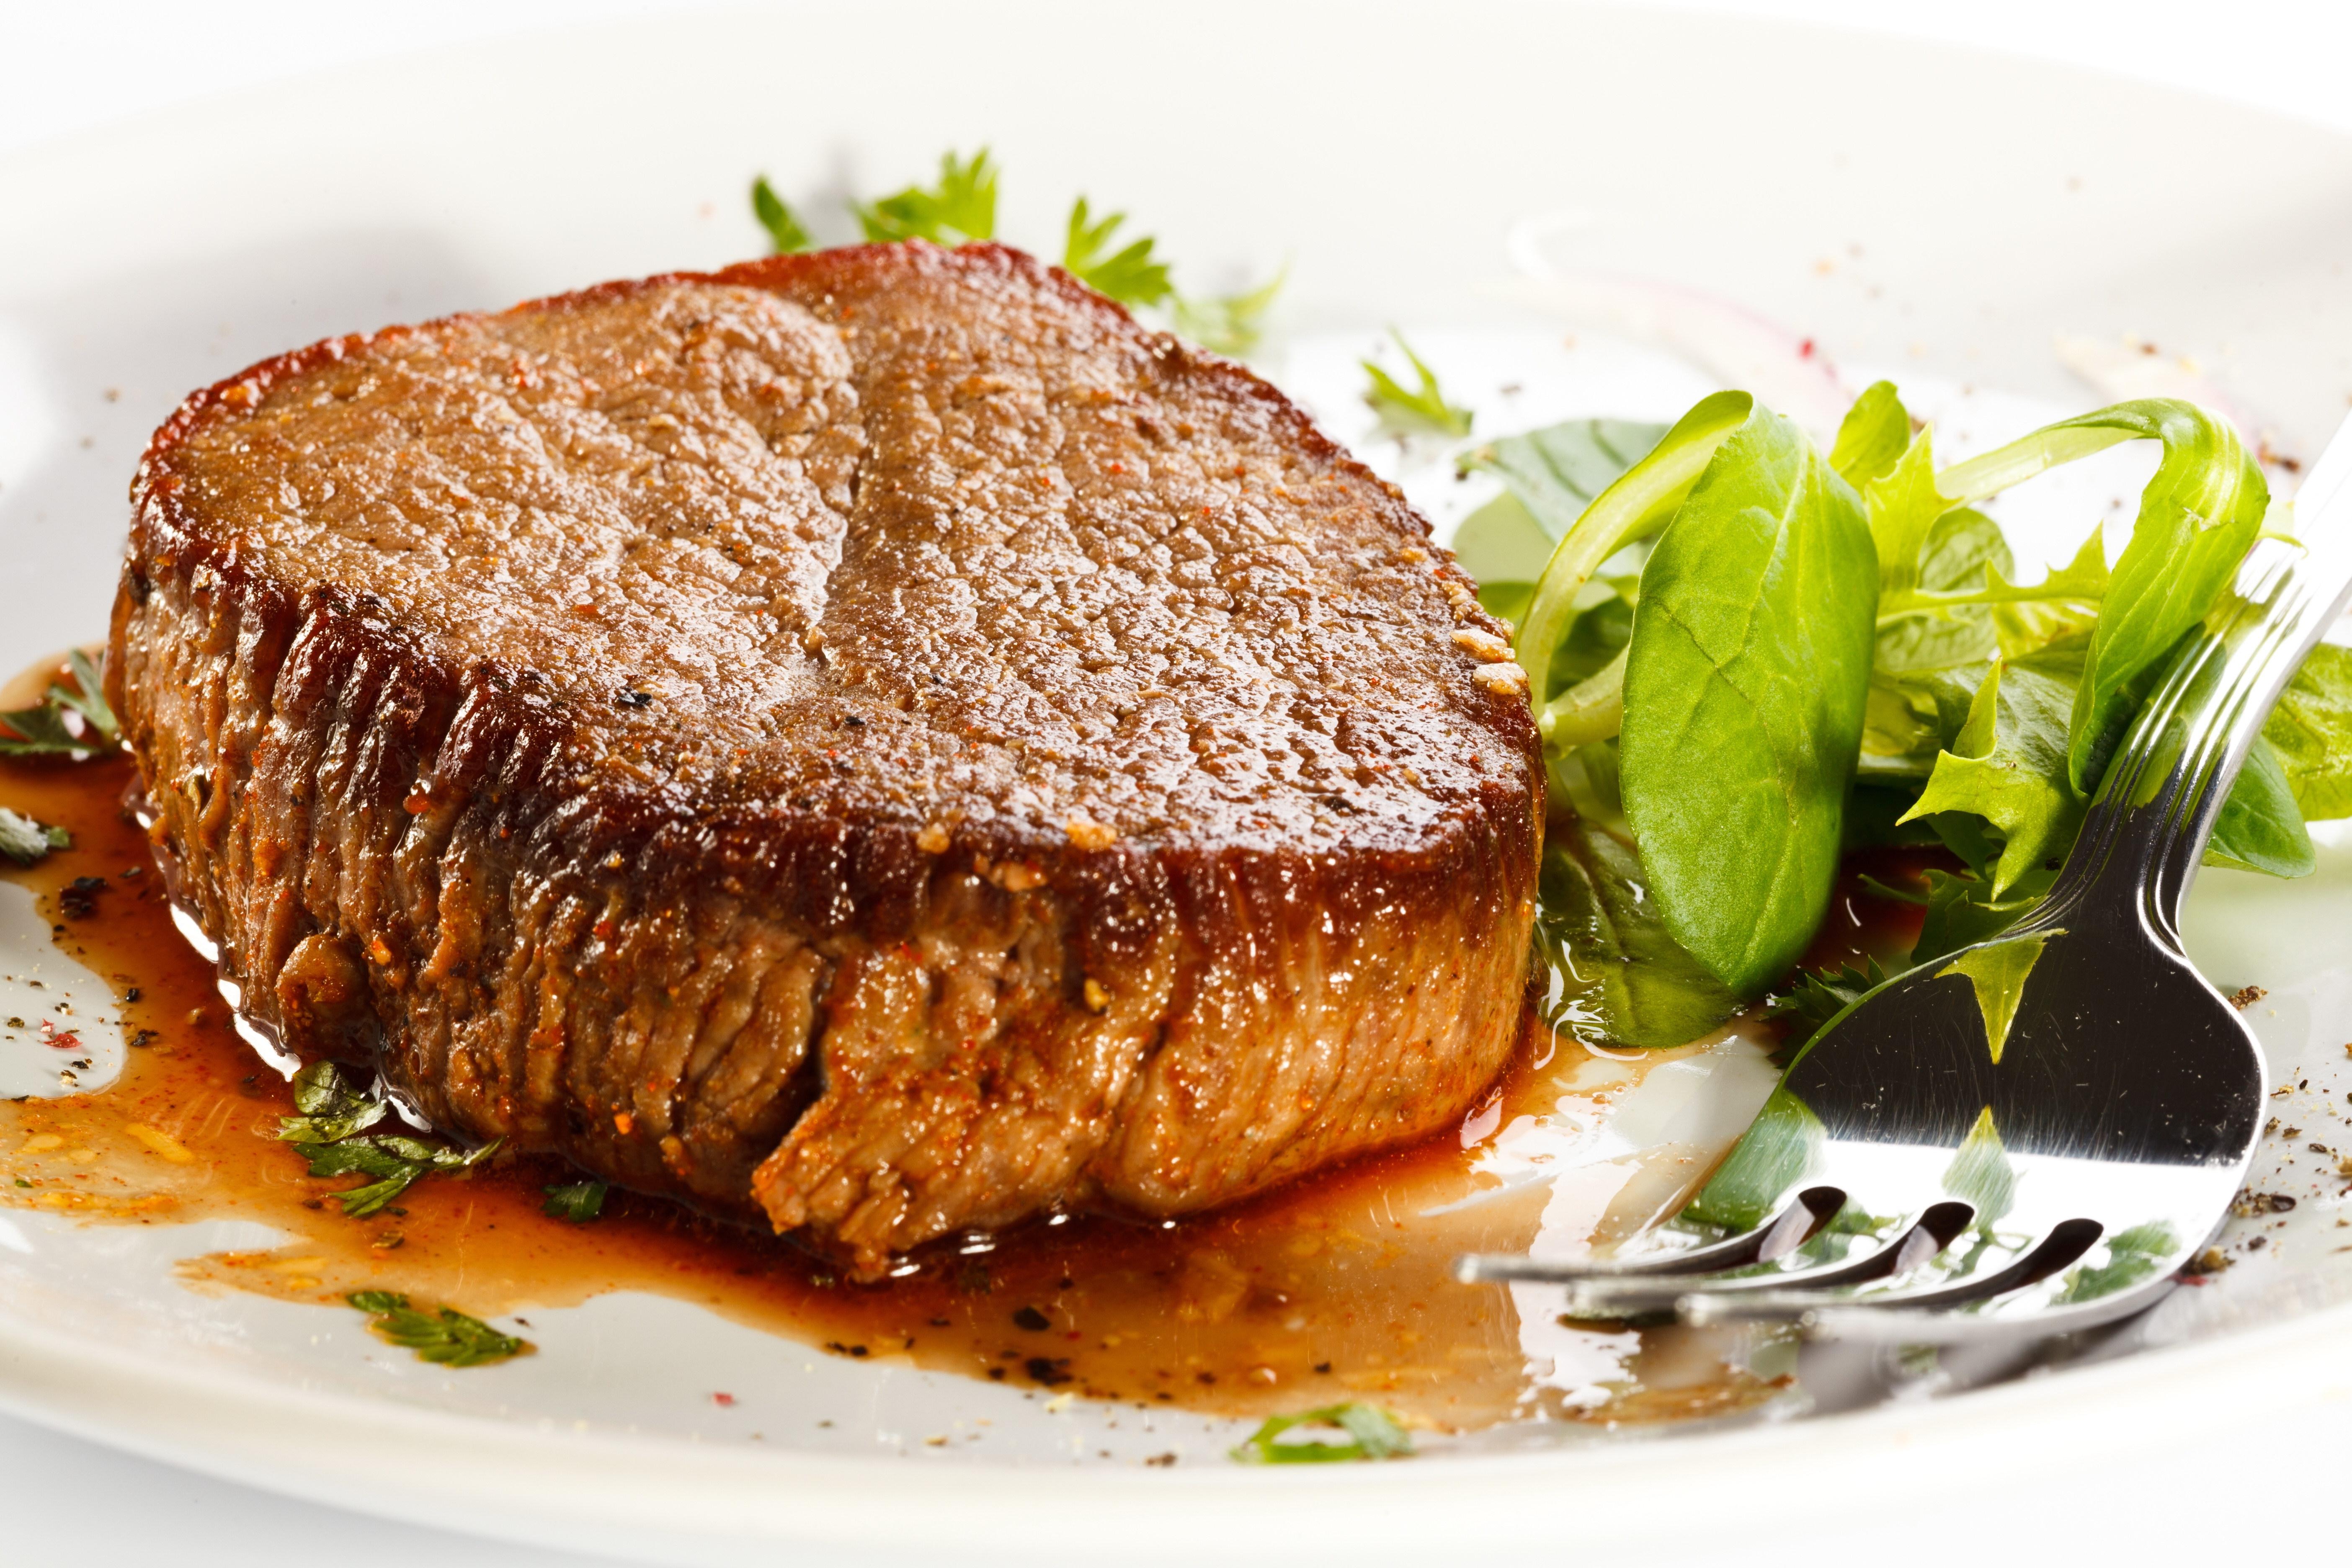 Hintergrundbilder : Fleisch, Fisch, Gabel, Teller, Steak, Küche ...